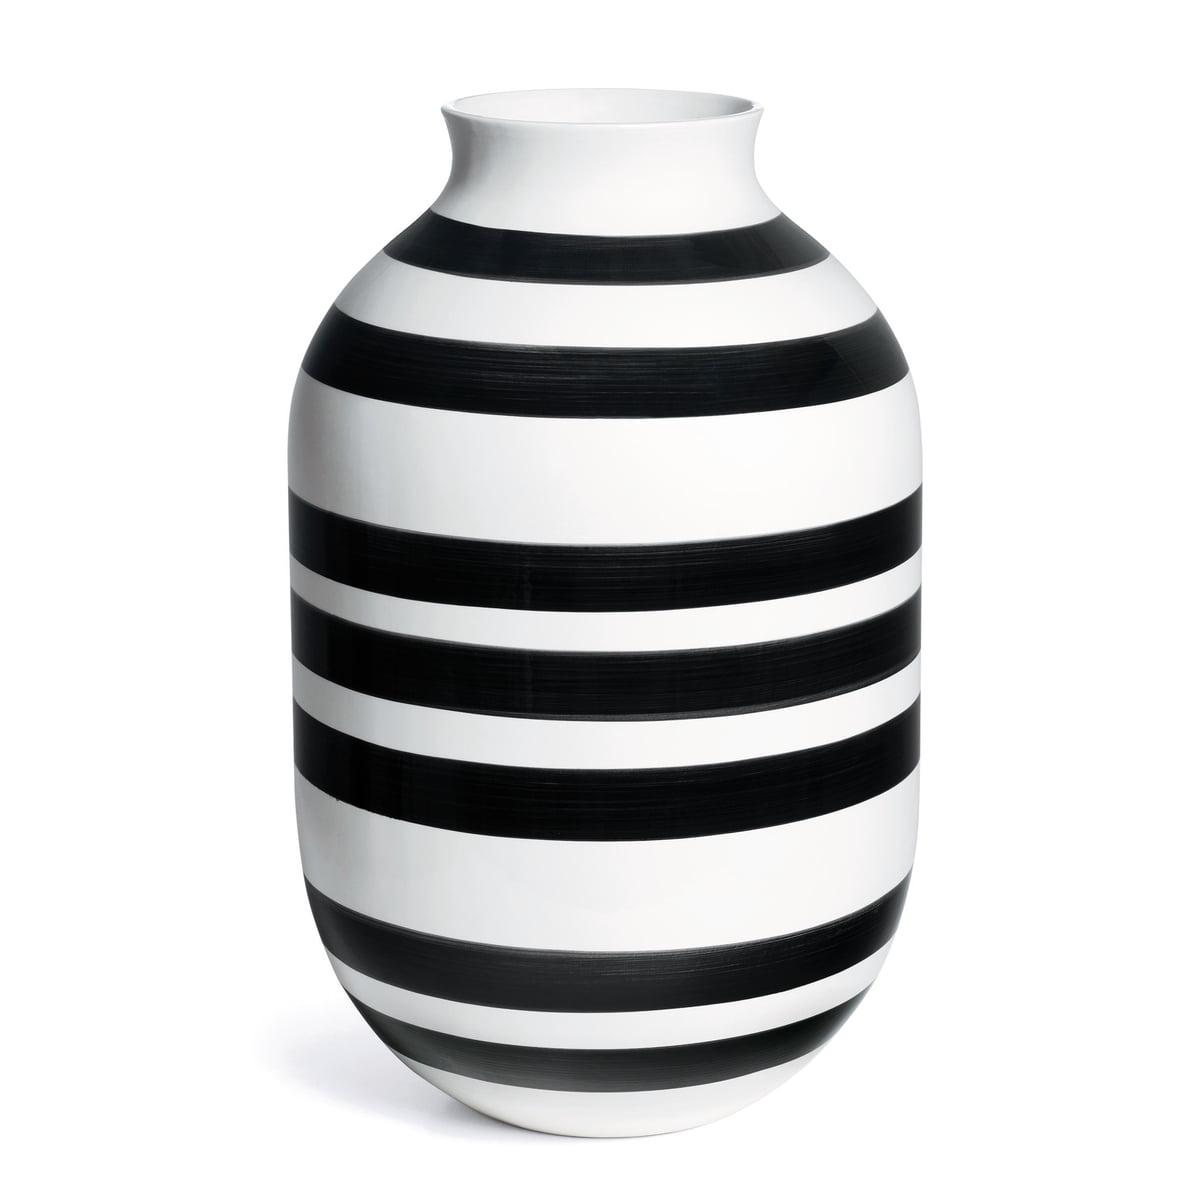 k hler design omaggio vase h 50 cm schwarz wei schwarz wei h 50 online kaufen bei woonio. Black Bedroom Furniture Sets. Home Design Ideas